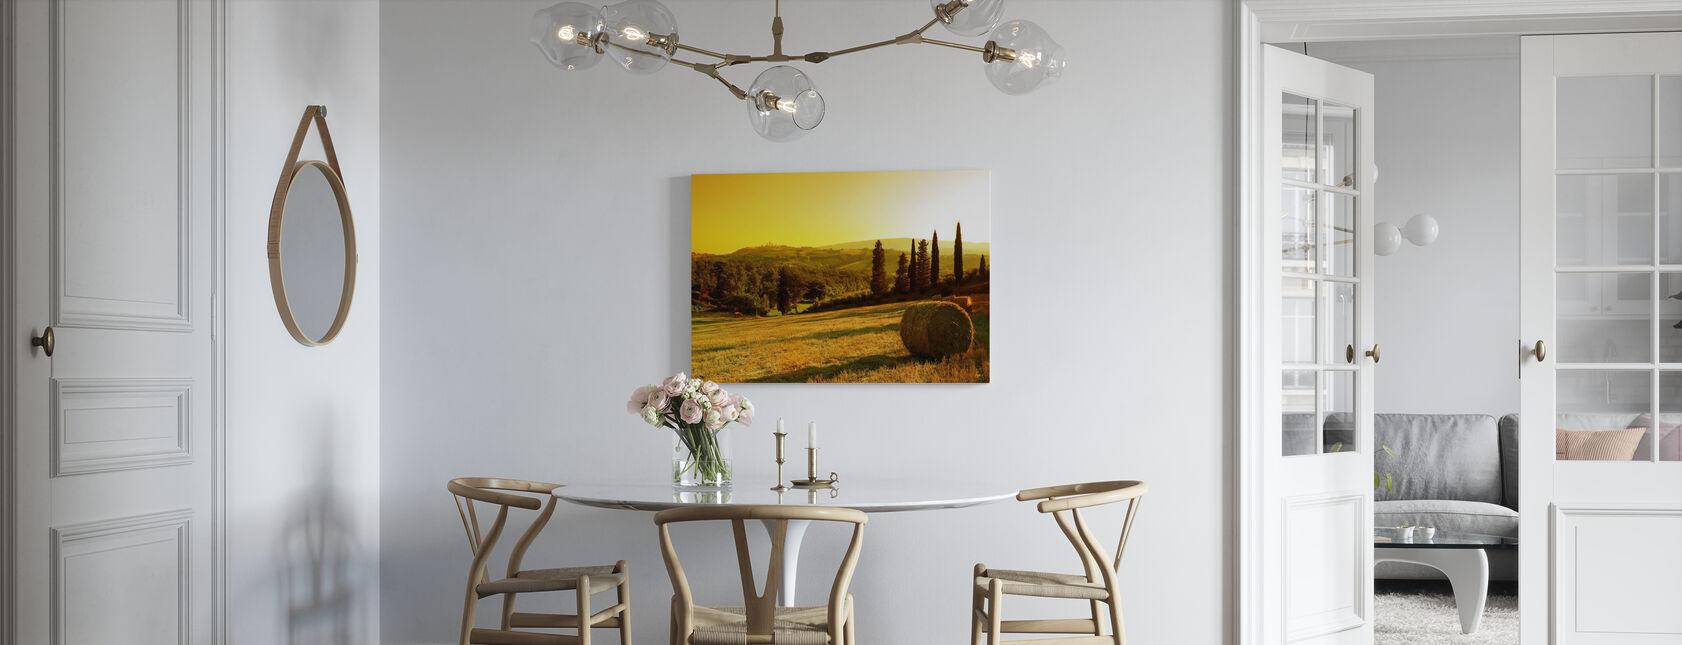 Coucher de soleil paysage toscan - Impression sur toile - Cuisine